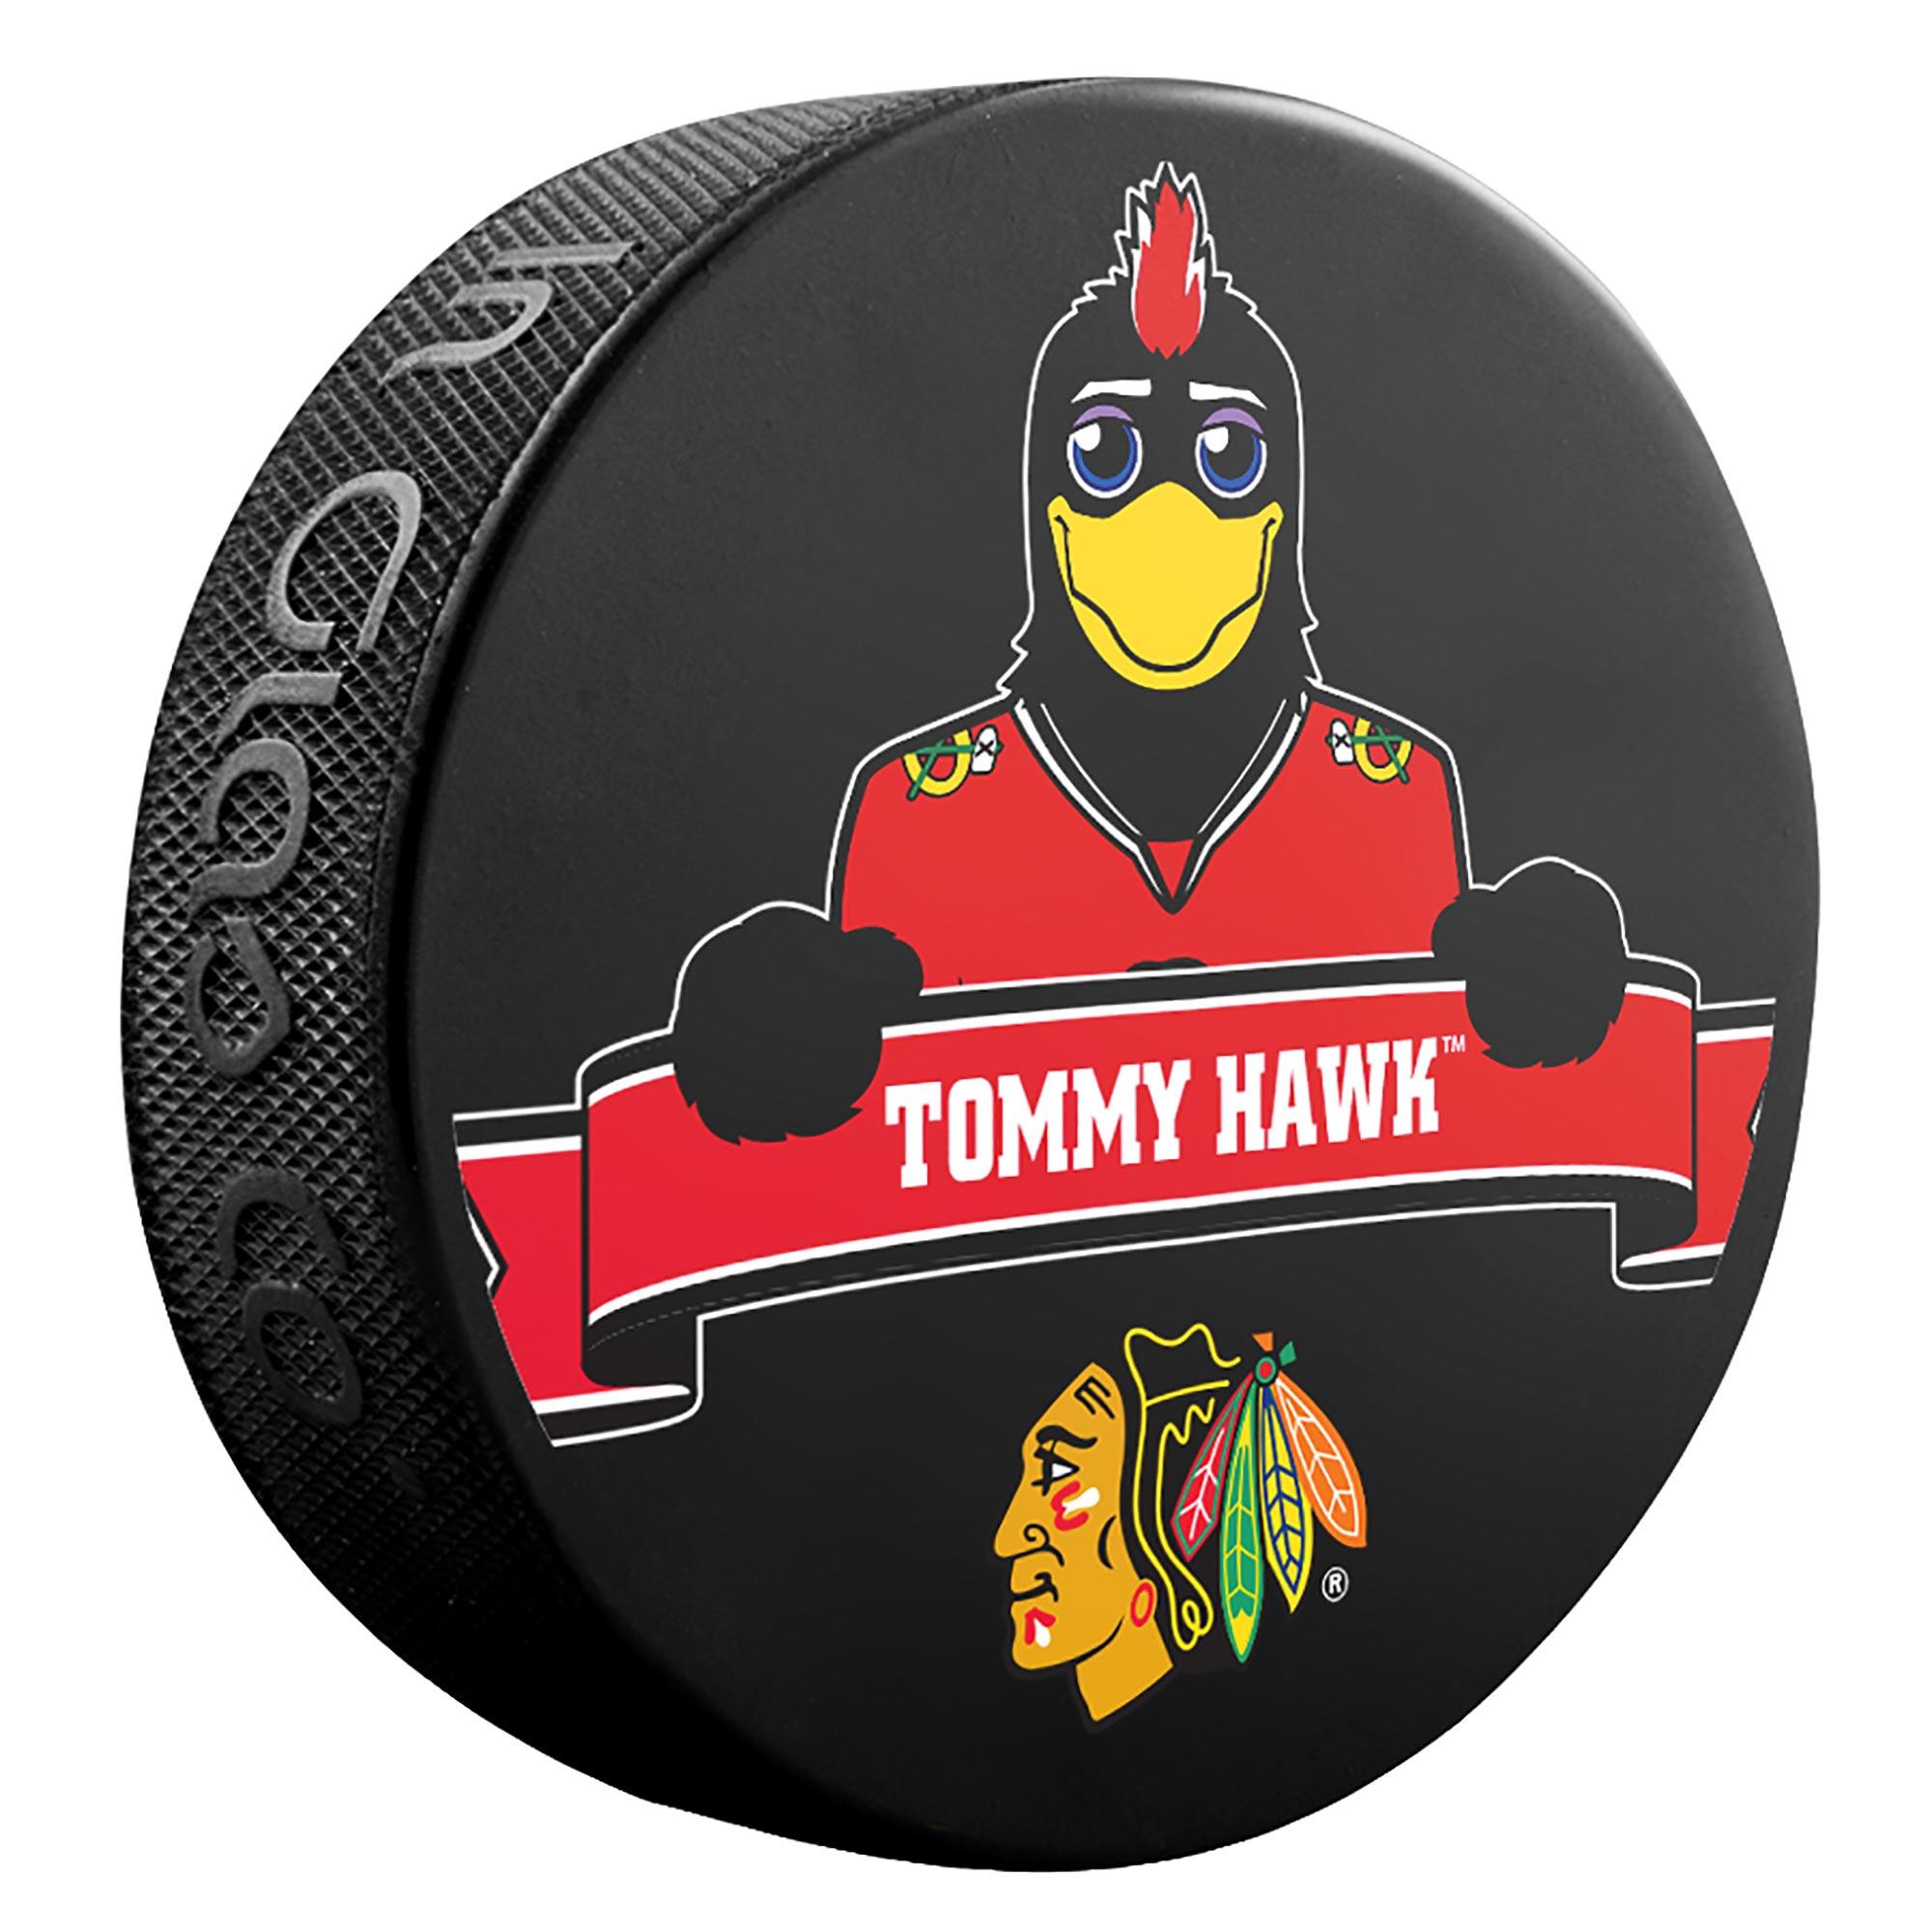 Chicago Blackhawks Mascot Puck